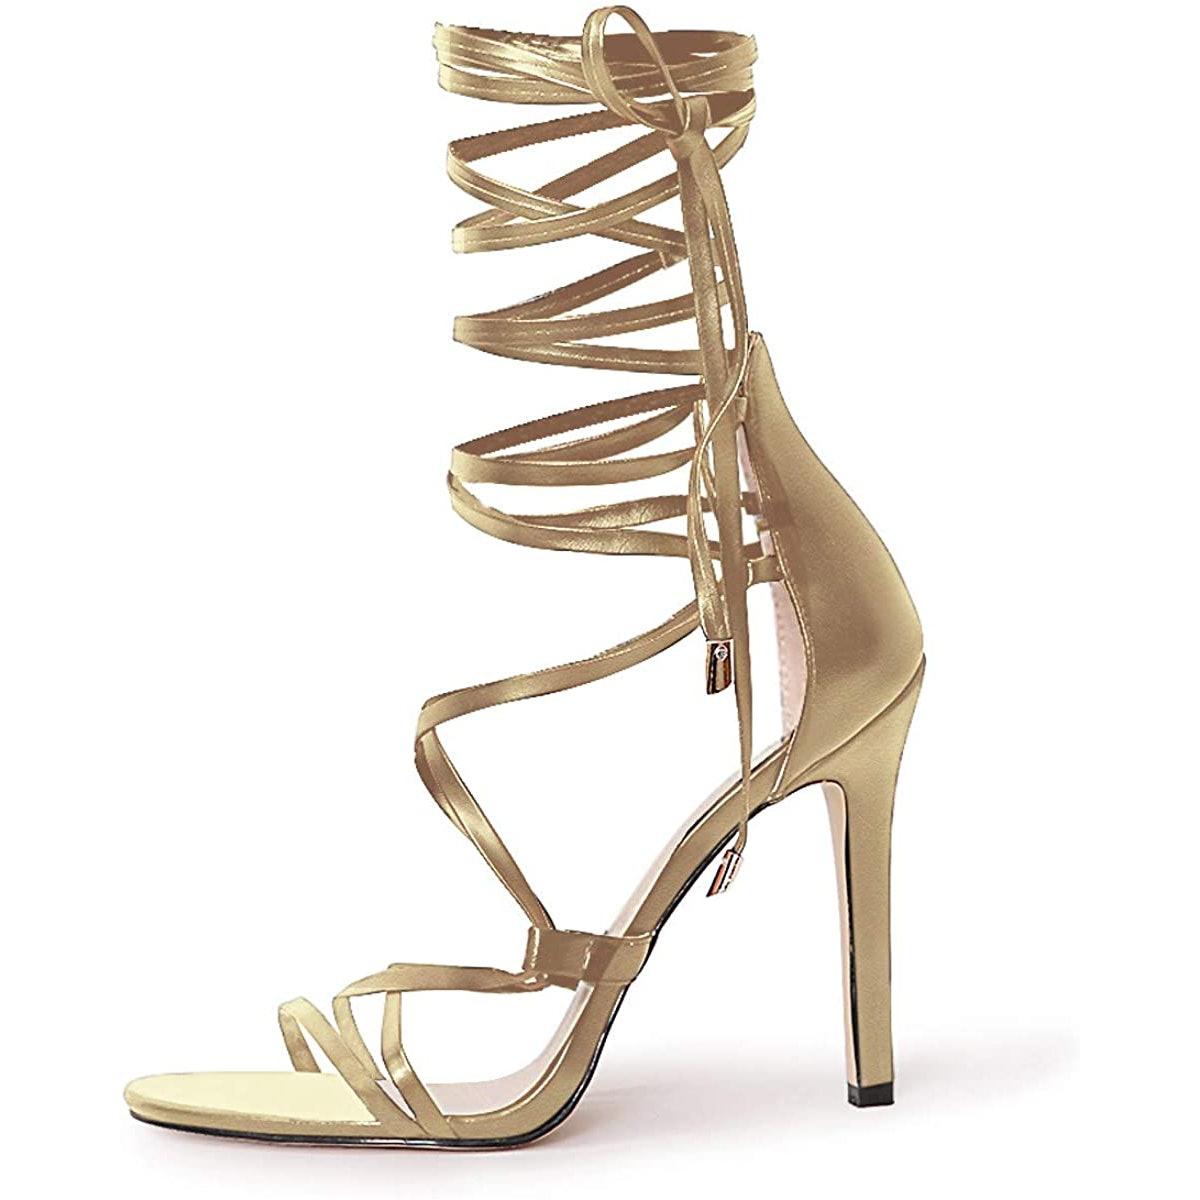 Richealnana Gladiator Stiletto Sandals